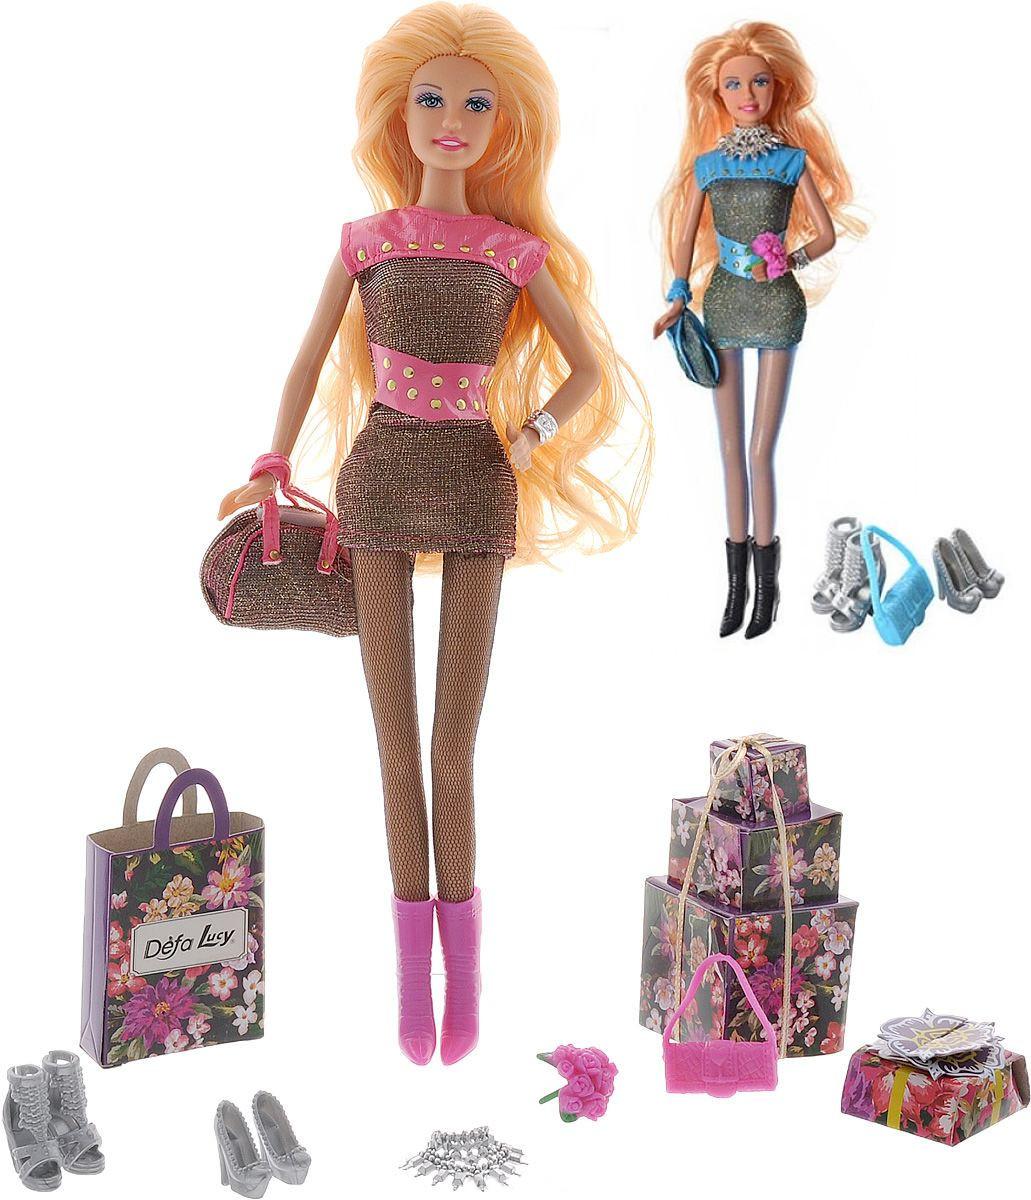 Кукла – Мода с аксессуарамиКуклы Defa Lucy<br>Кукла – Мода с аксессуарами<br>